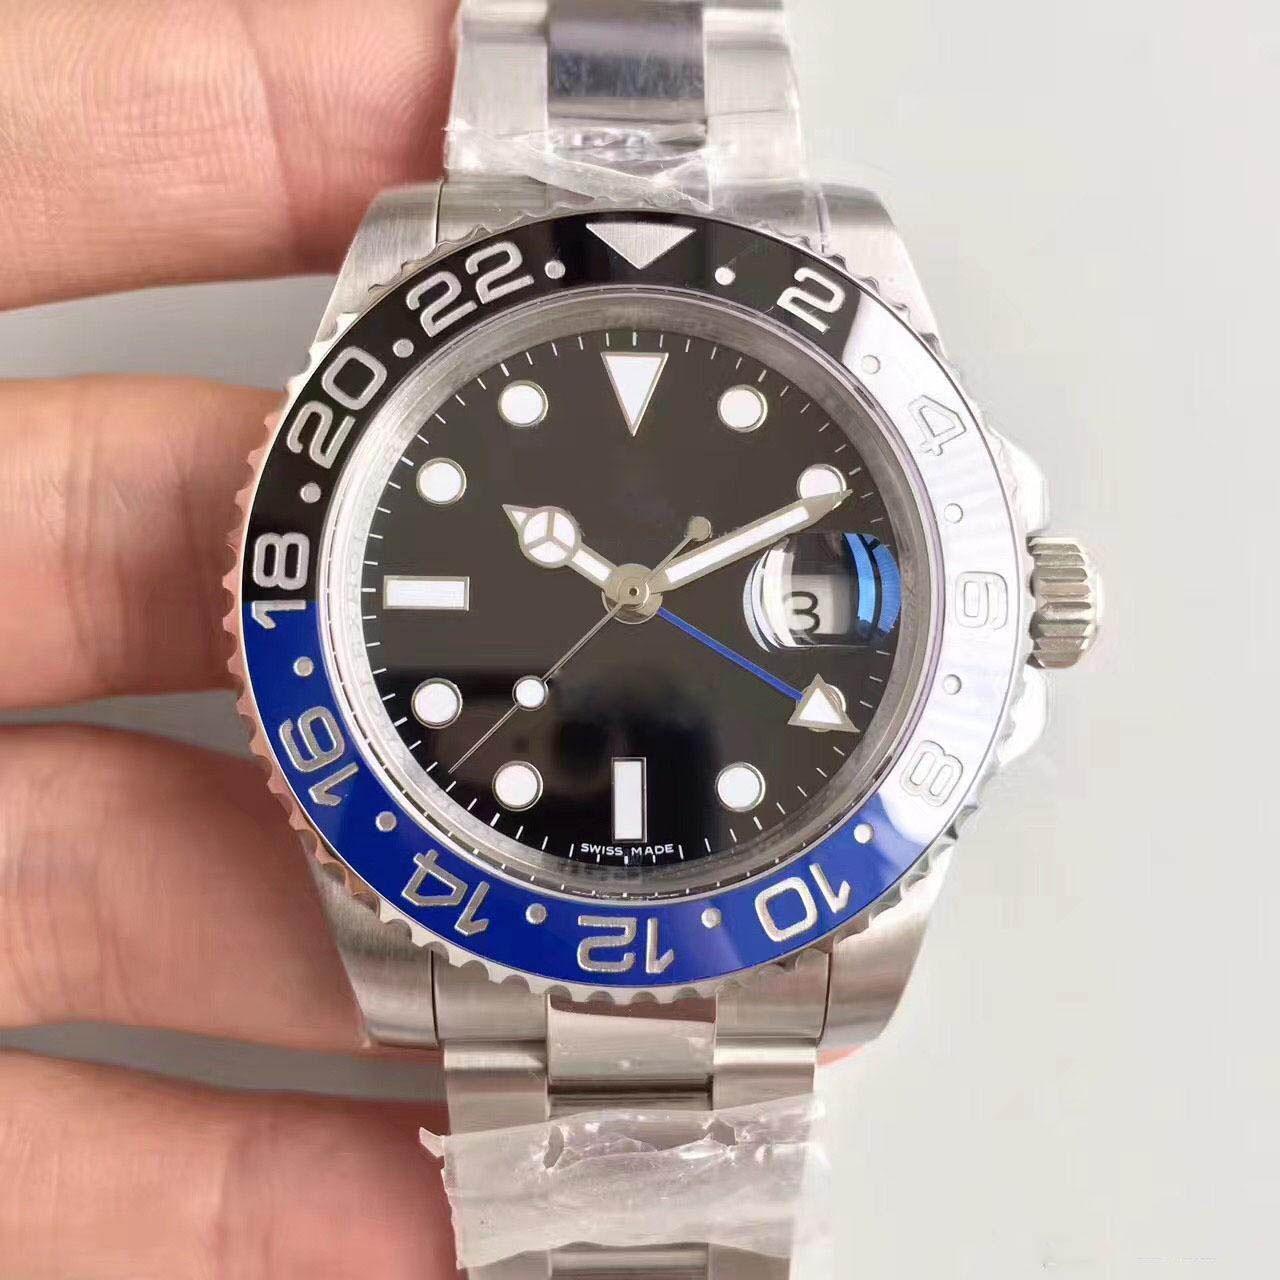 2020 venta caliente para hombre Relojes Hombres Pepsi GMT Azul Rojo Bisel de cerámica Correa automática de acero inoxidable Sólido Clssp Deportes Auto-viento Relojes Relojes de pulsera